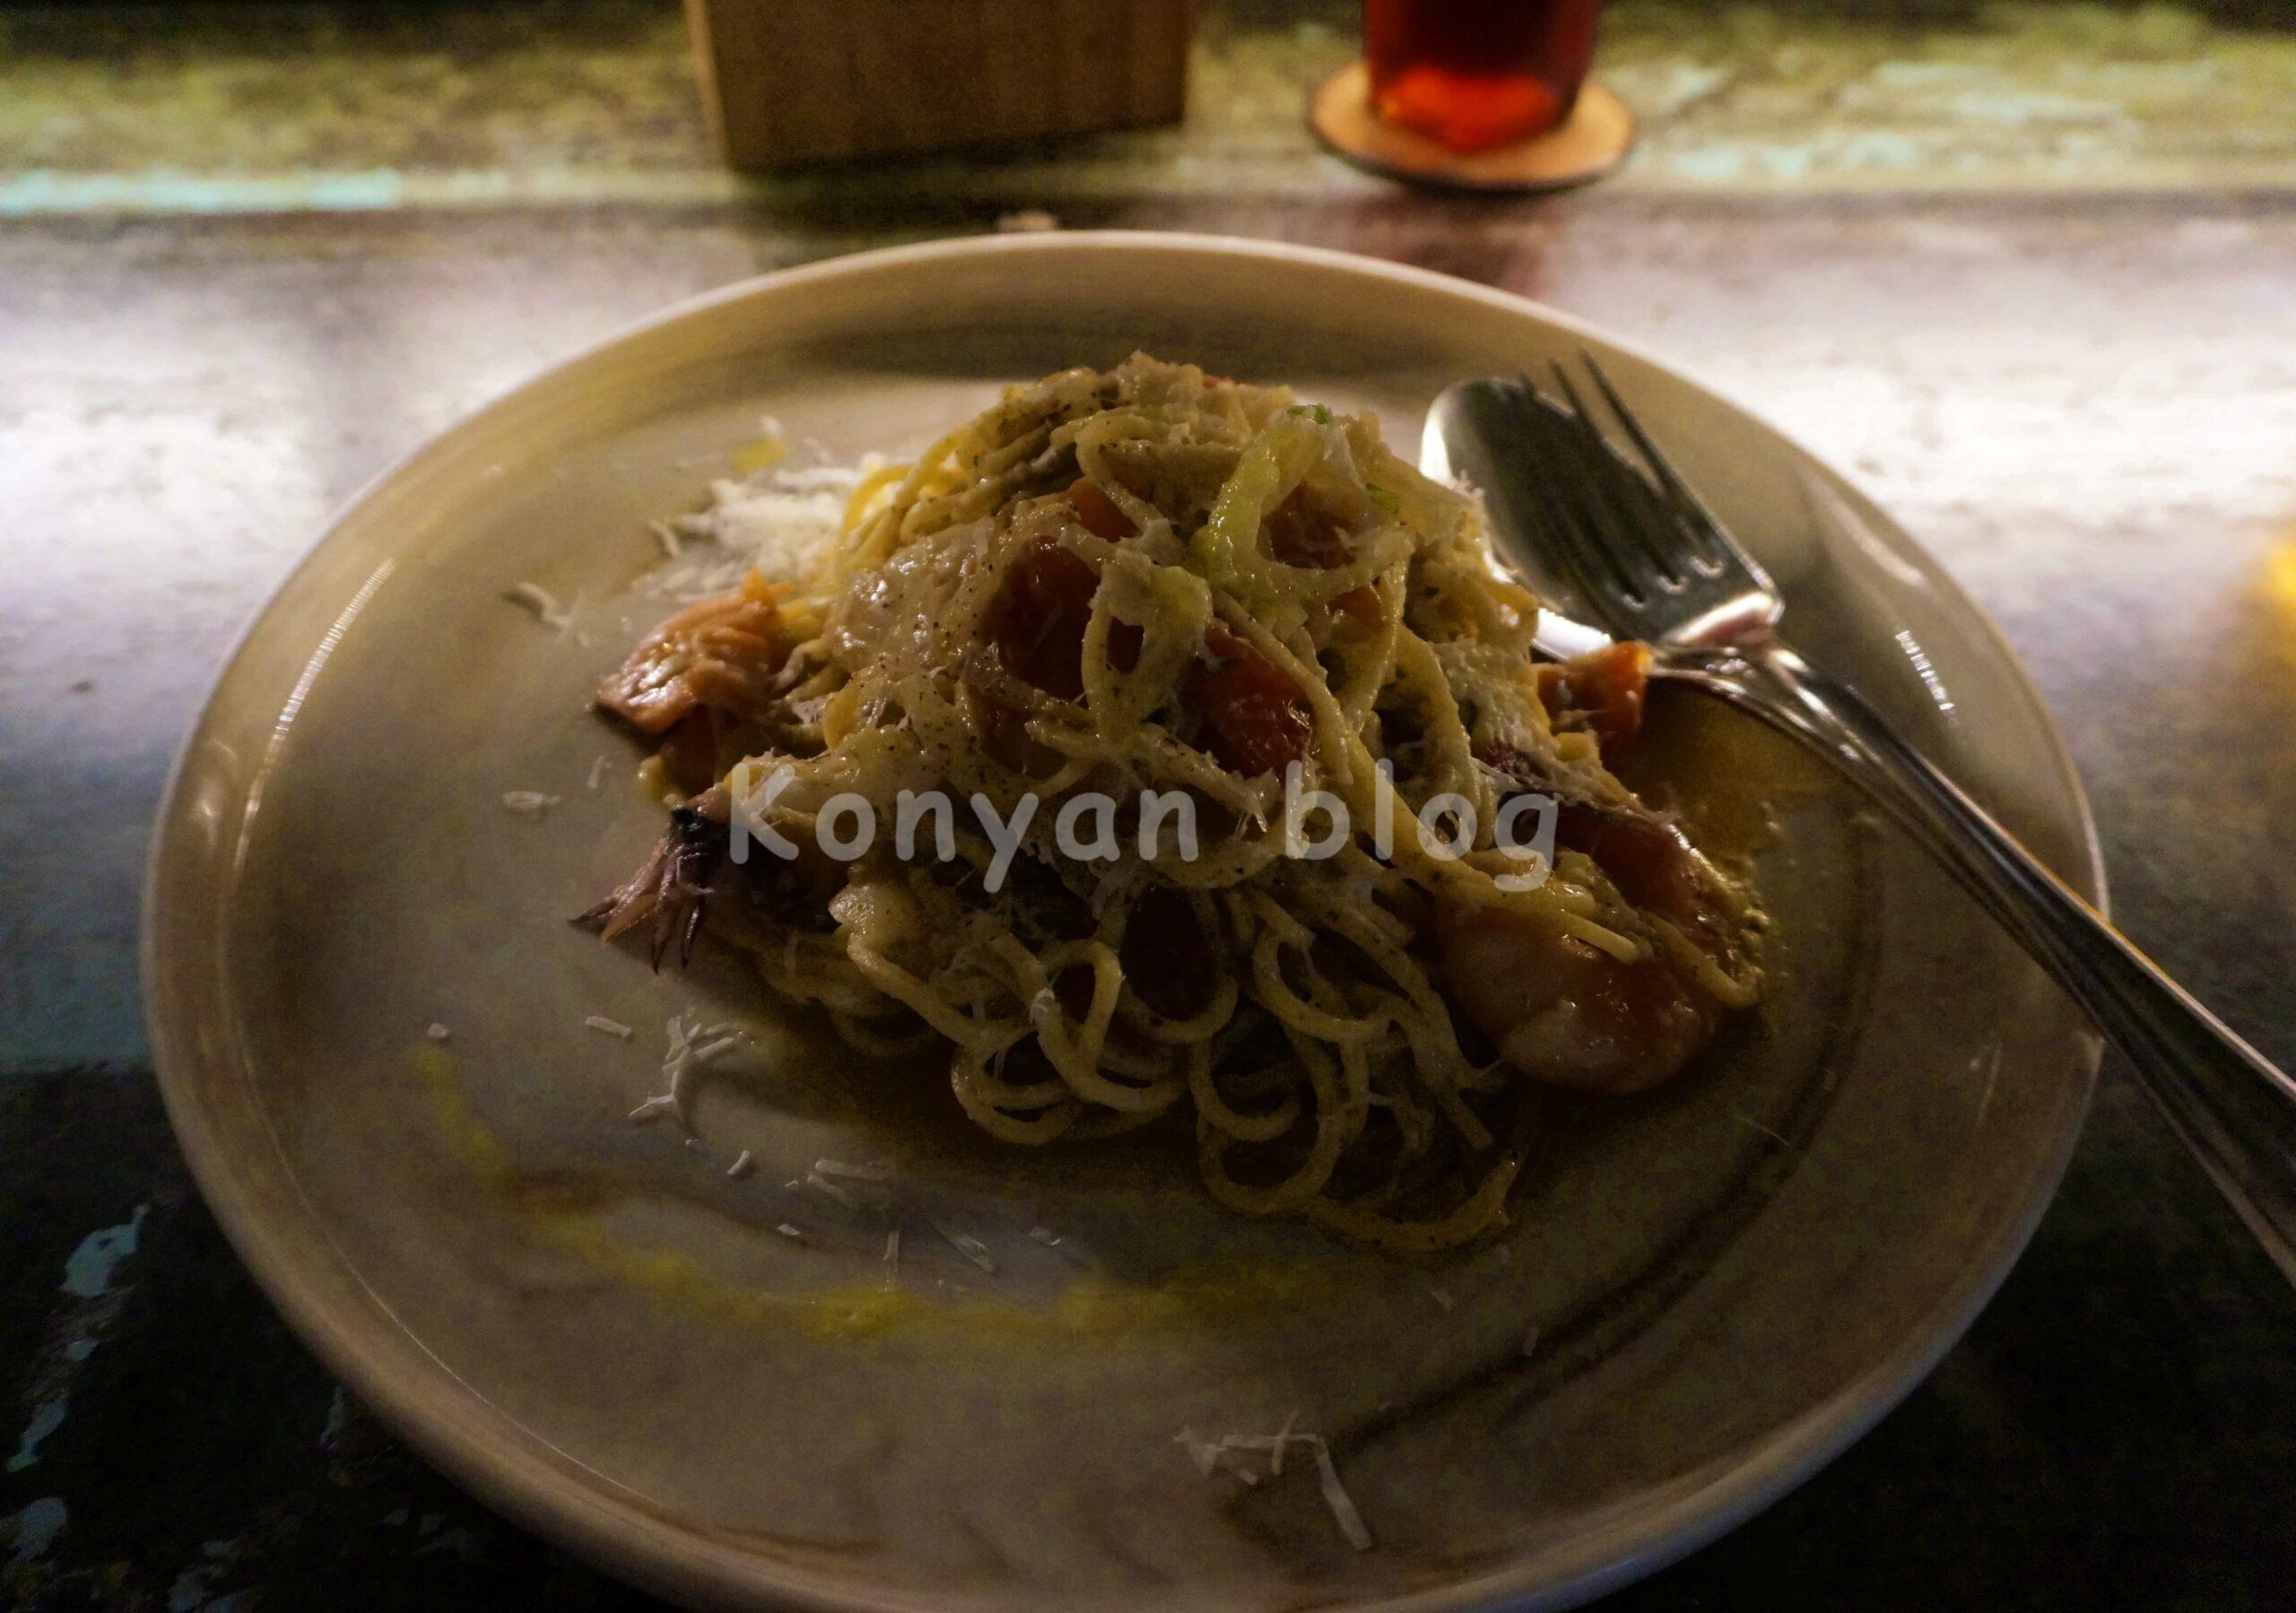 Proof Pizza + Wine spaghetti